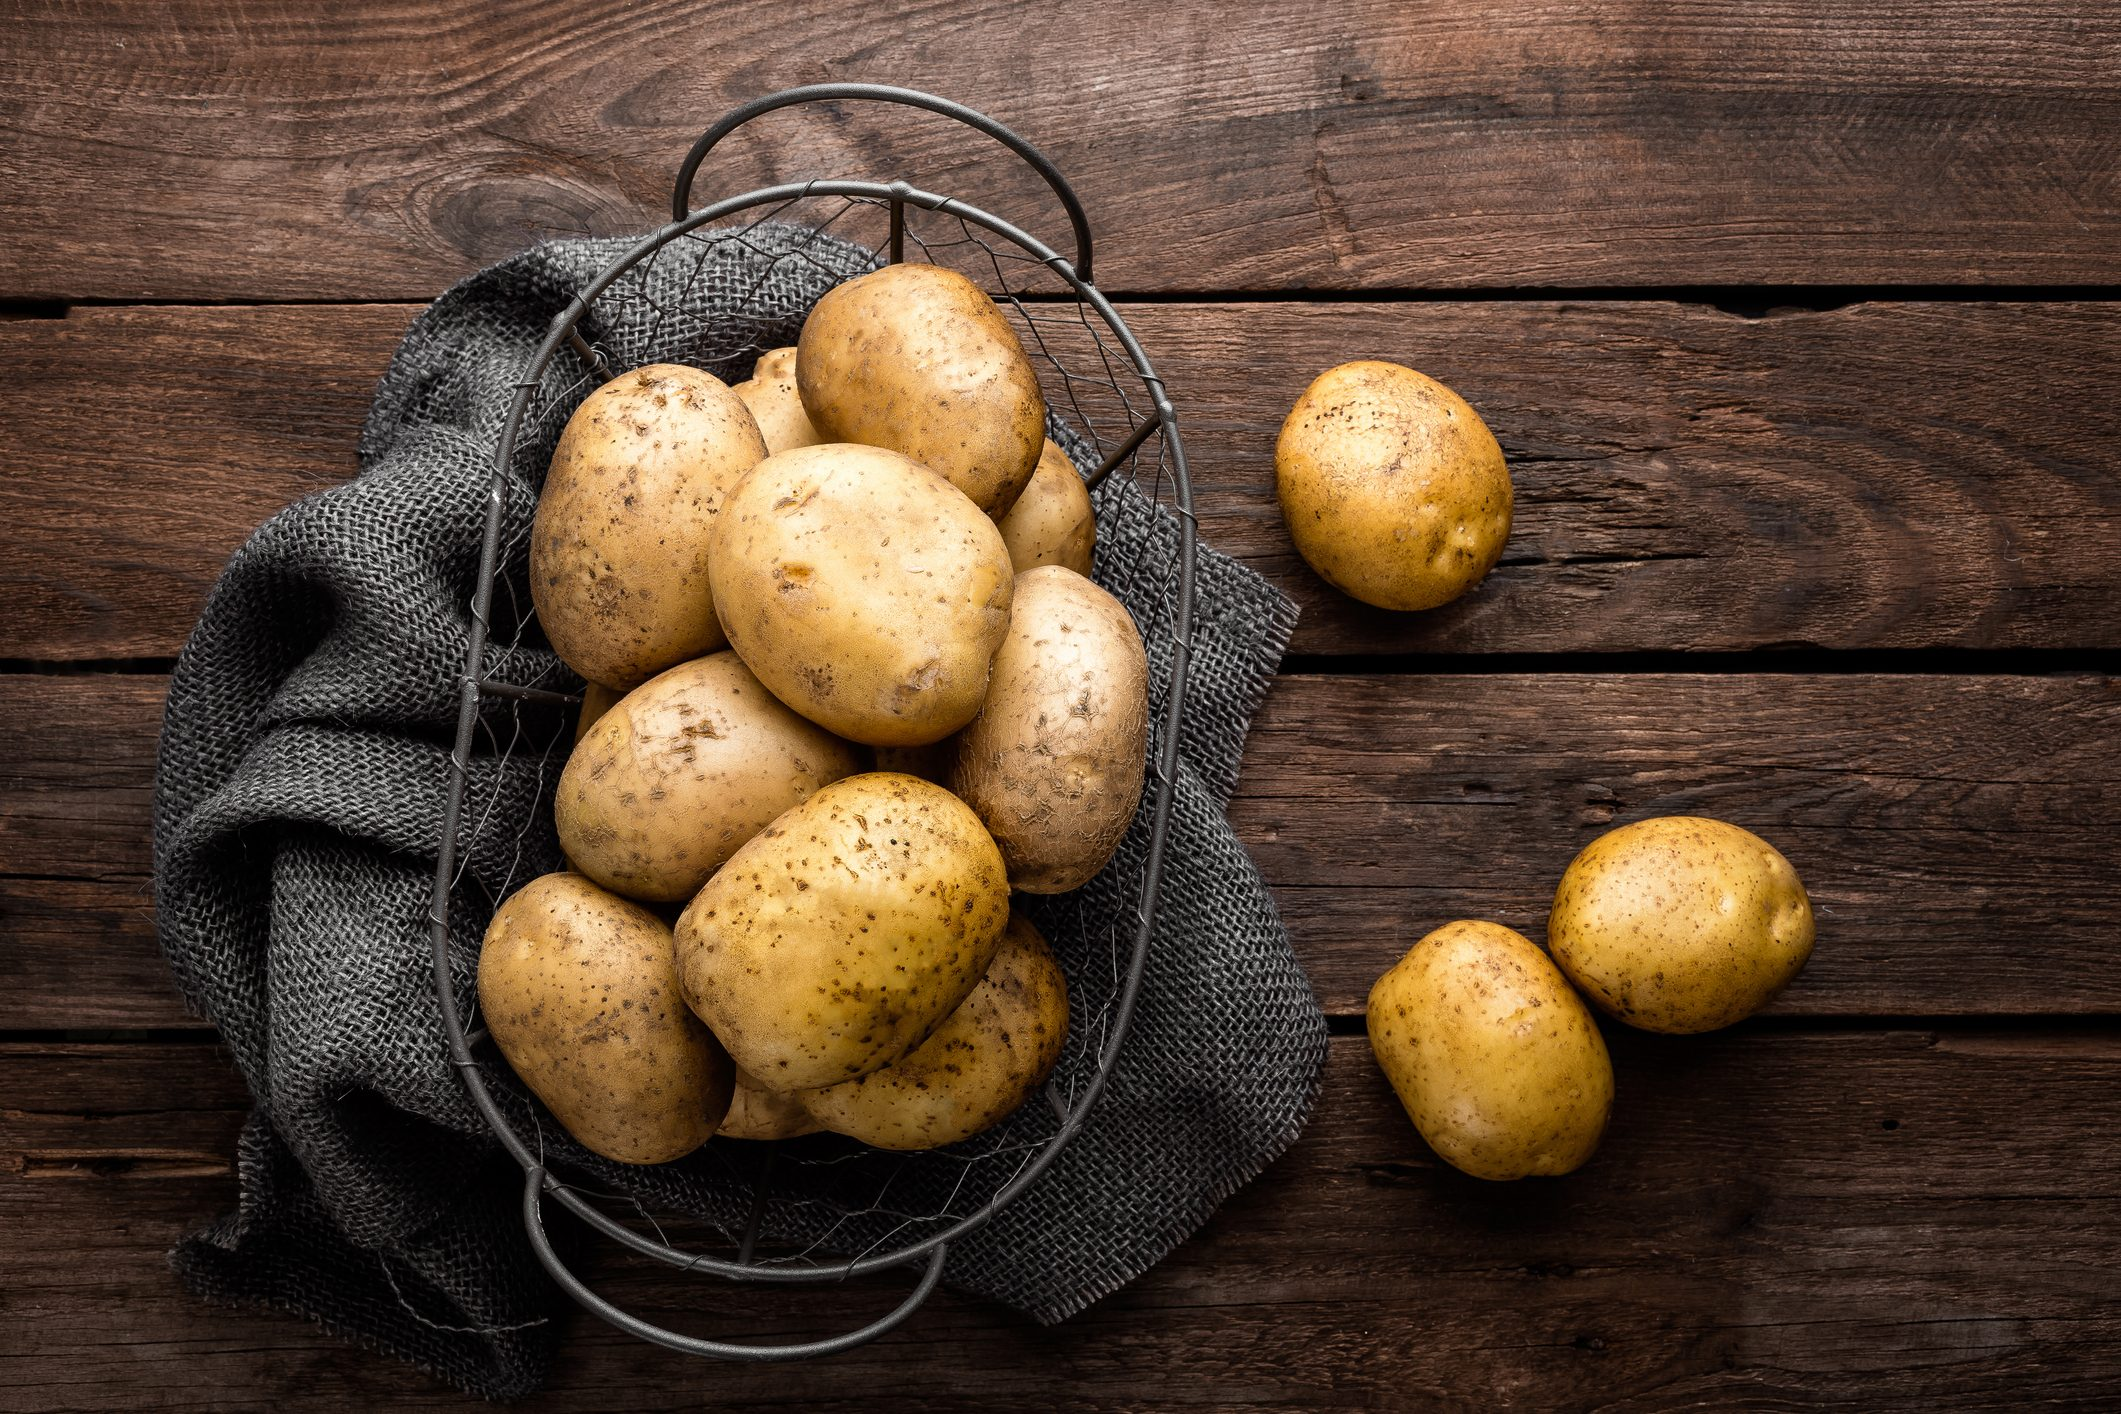 """Perché mangiamo le patate? Perché agli esseri umani piace rubare le cose """"preziose"""""""